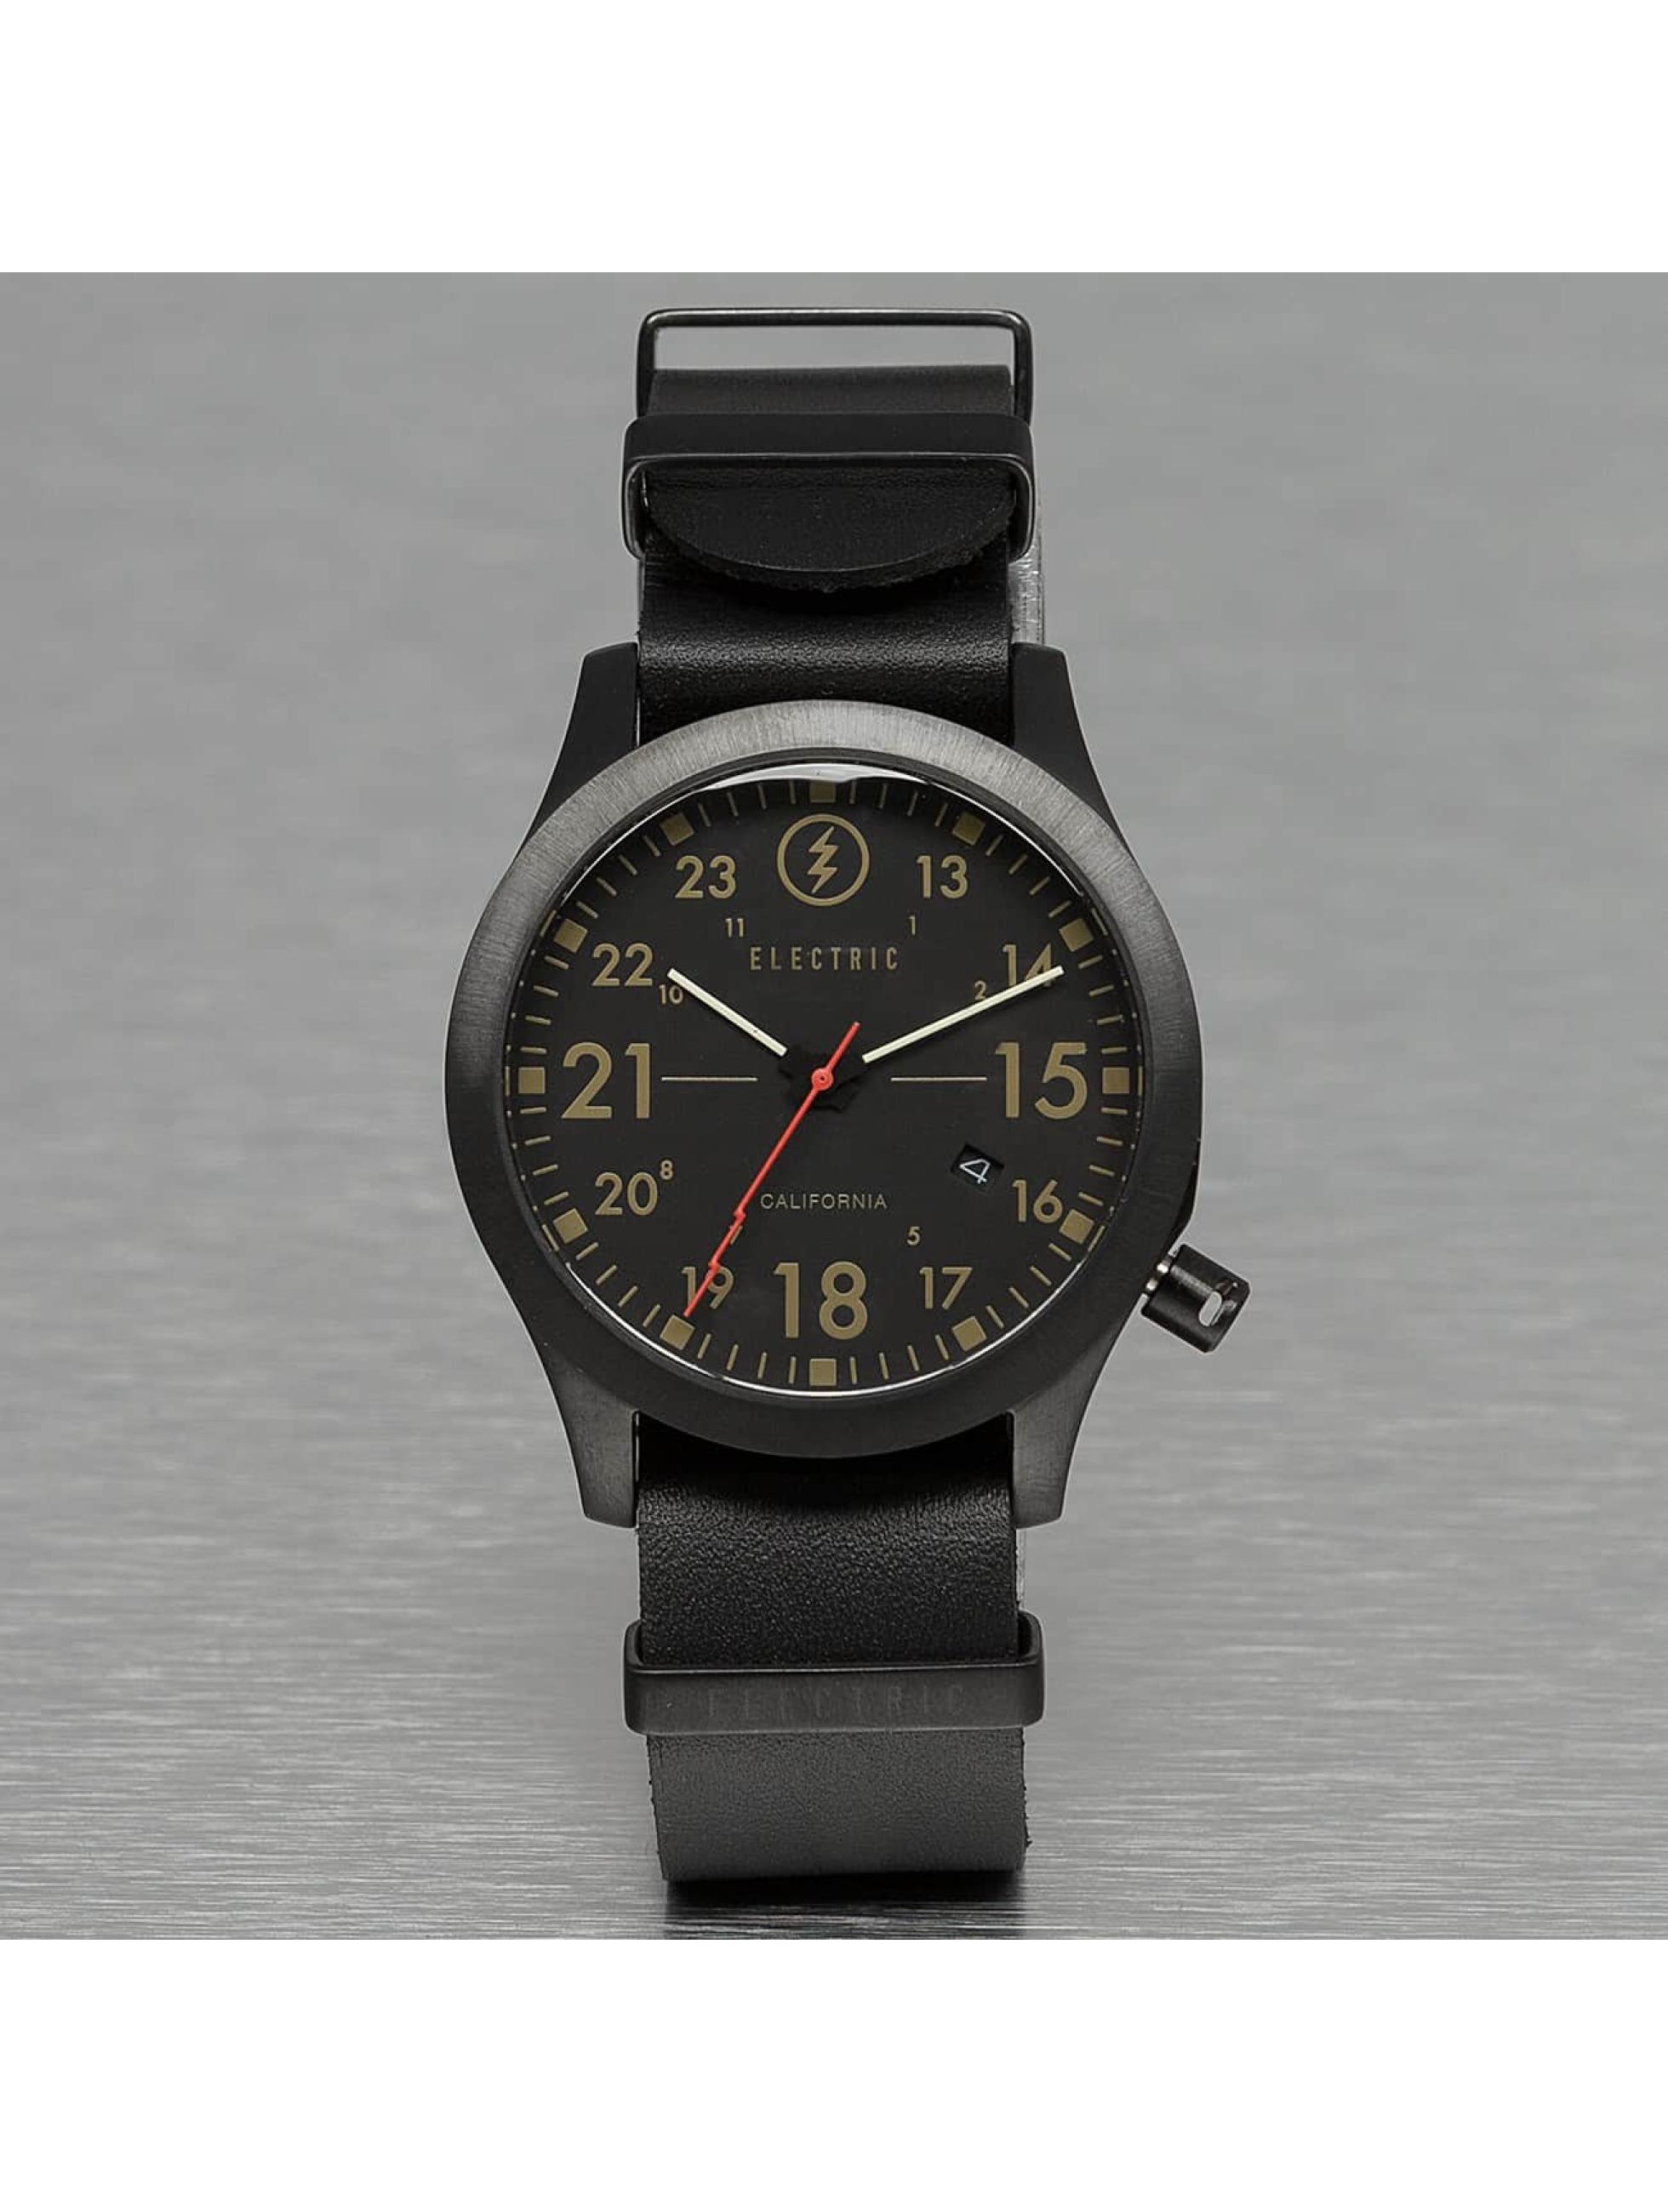 Electric Männer,Frauen Uhr FW01 Leather in schwarz